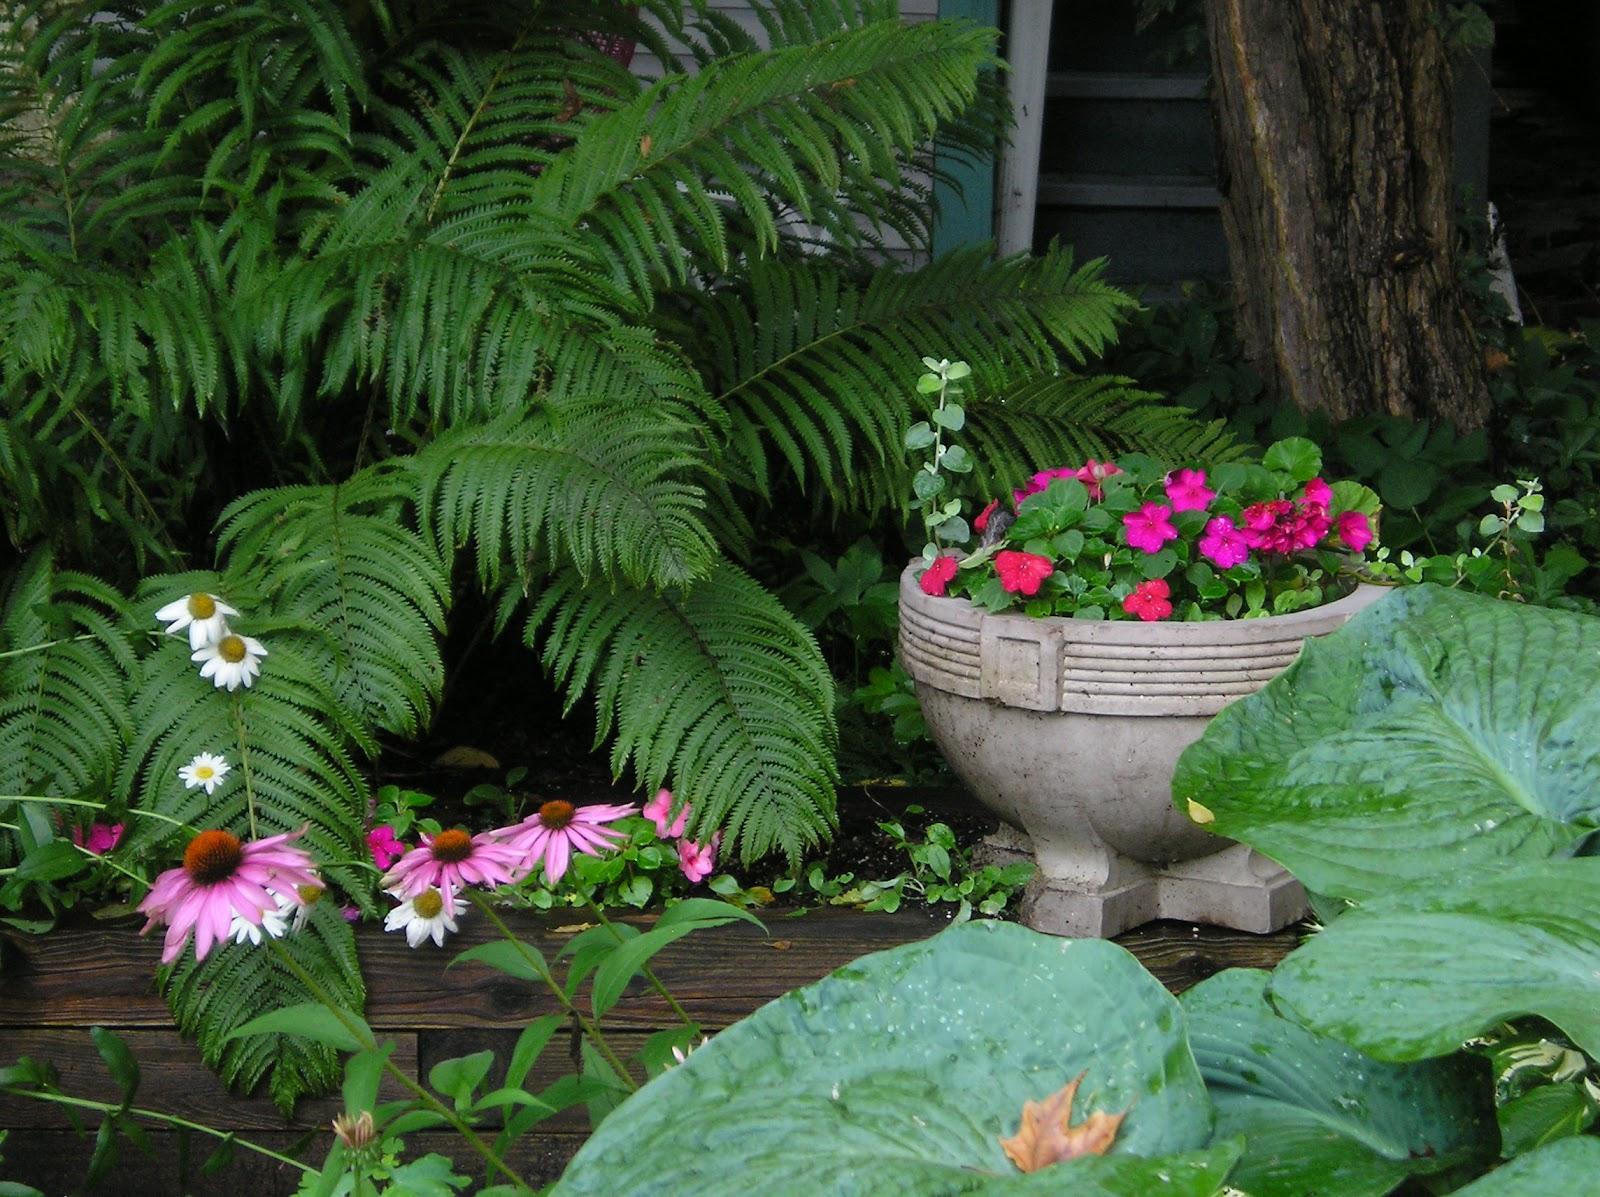 Shade_garden,_Chautauqua.jpg